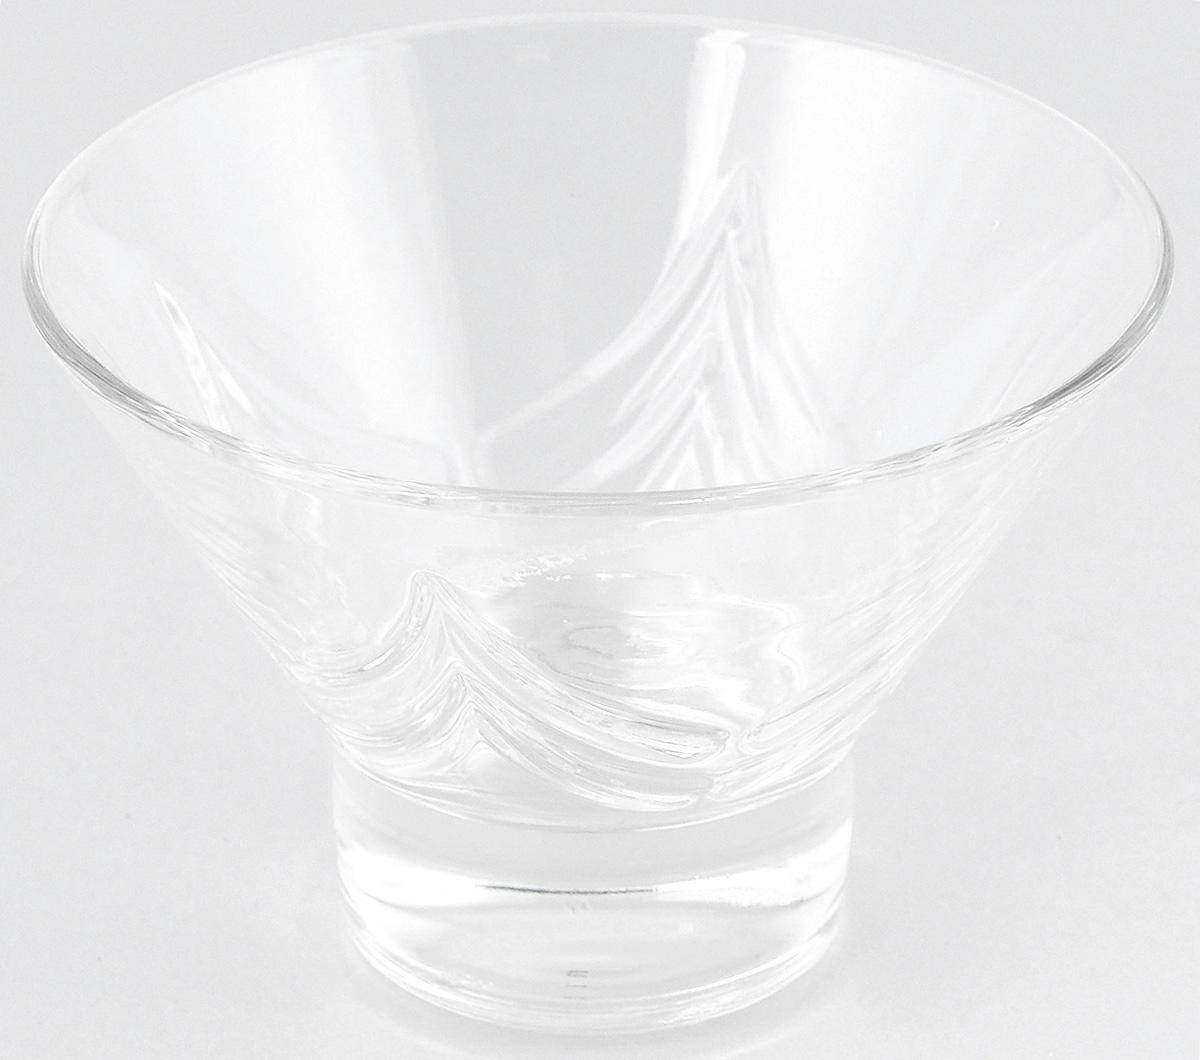 Креманка OSZ Bell. Призма, диаметр 11,5 см, 285 мл12с1578Креманка OSZ Bell. Призма изготовлена из прочного стекла. Идеально подходит для сервировки стола.Креманка не только украсит ваш стол, но подчеркнет прекрасный вкус хозяйки. Диаметр креманки (по верхнему краю): 11,5 см. Высота креманки: 8 см.Объем: 285 мл.